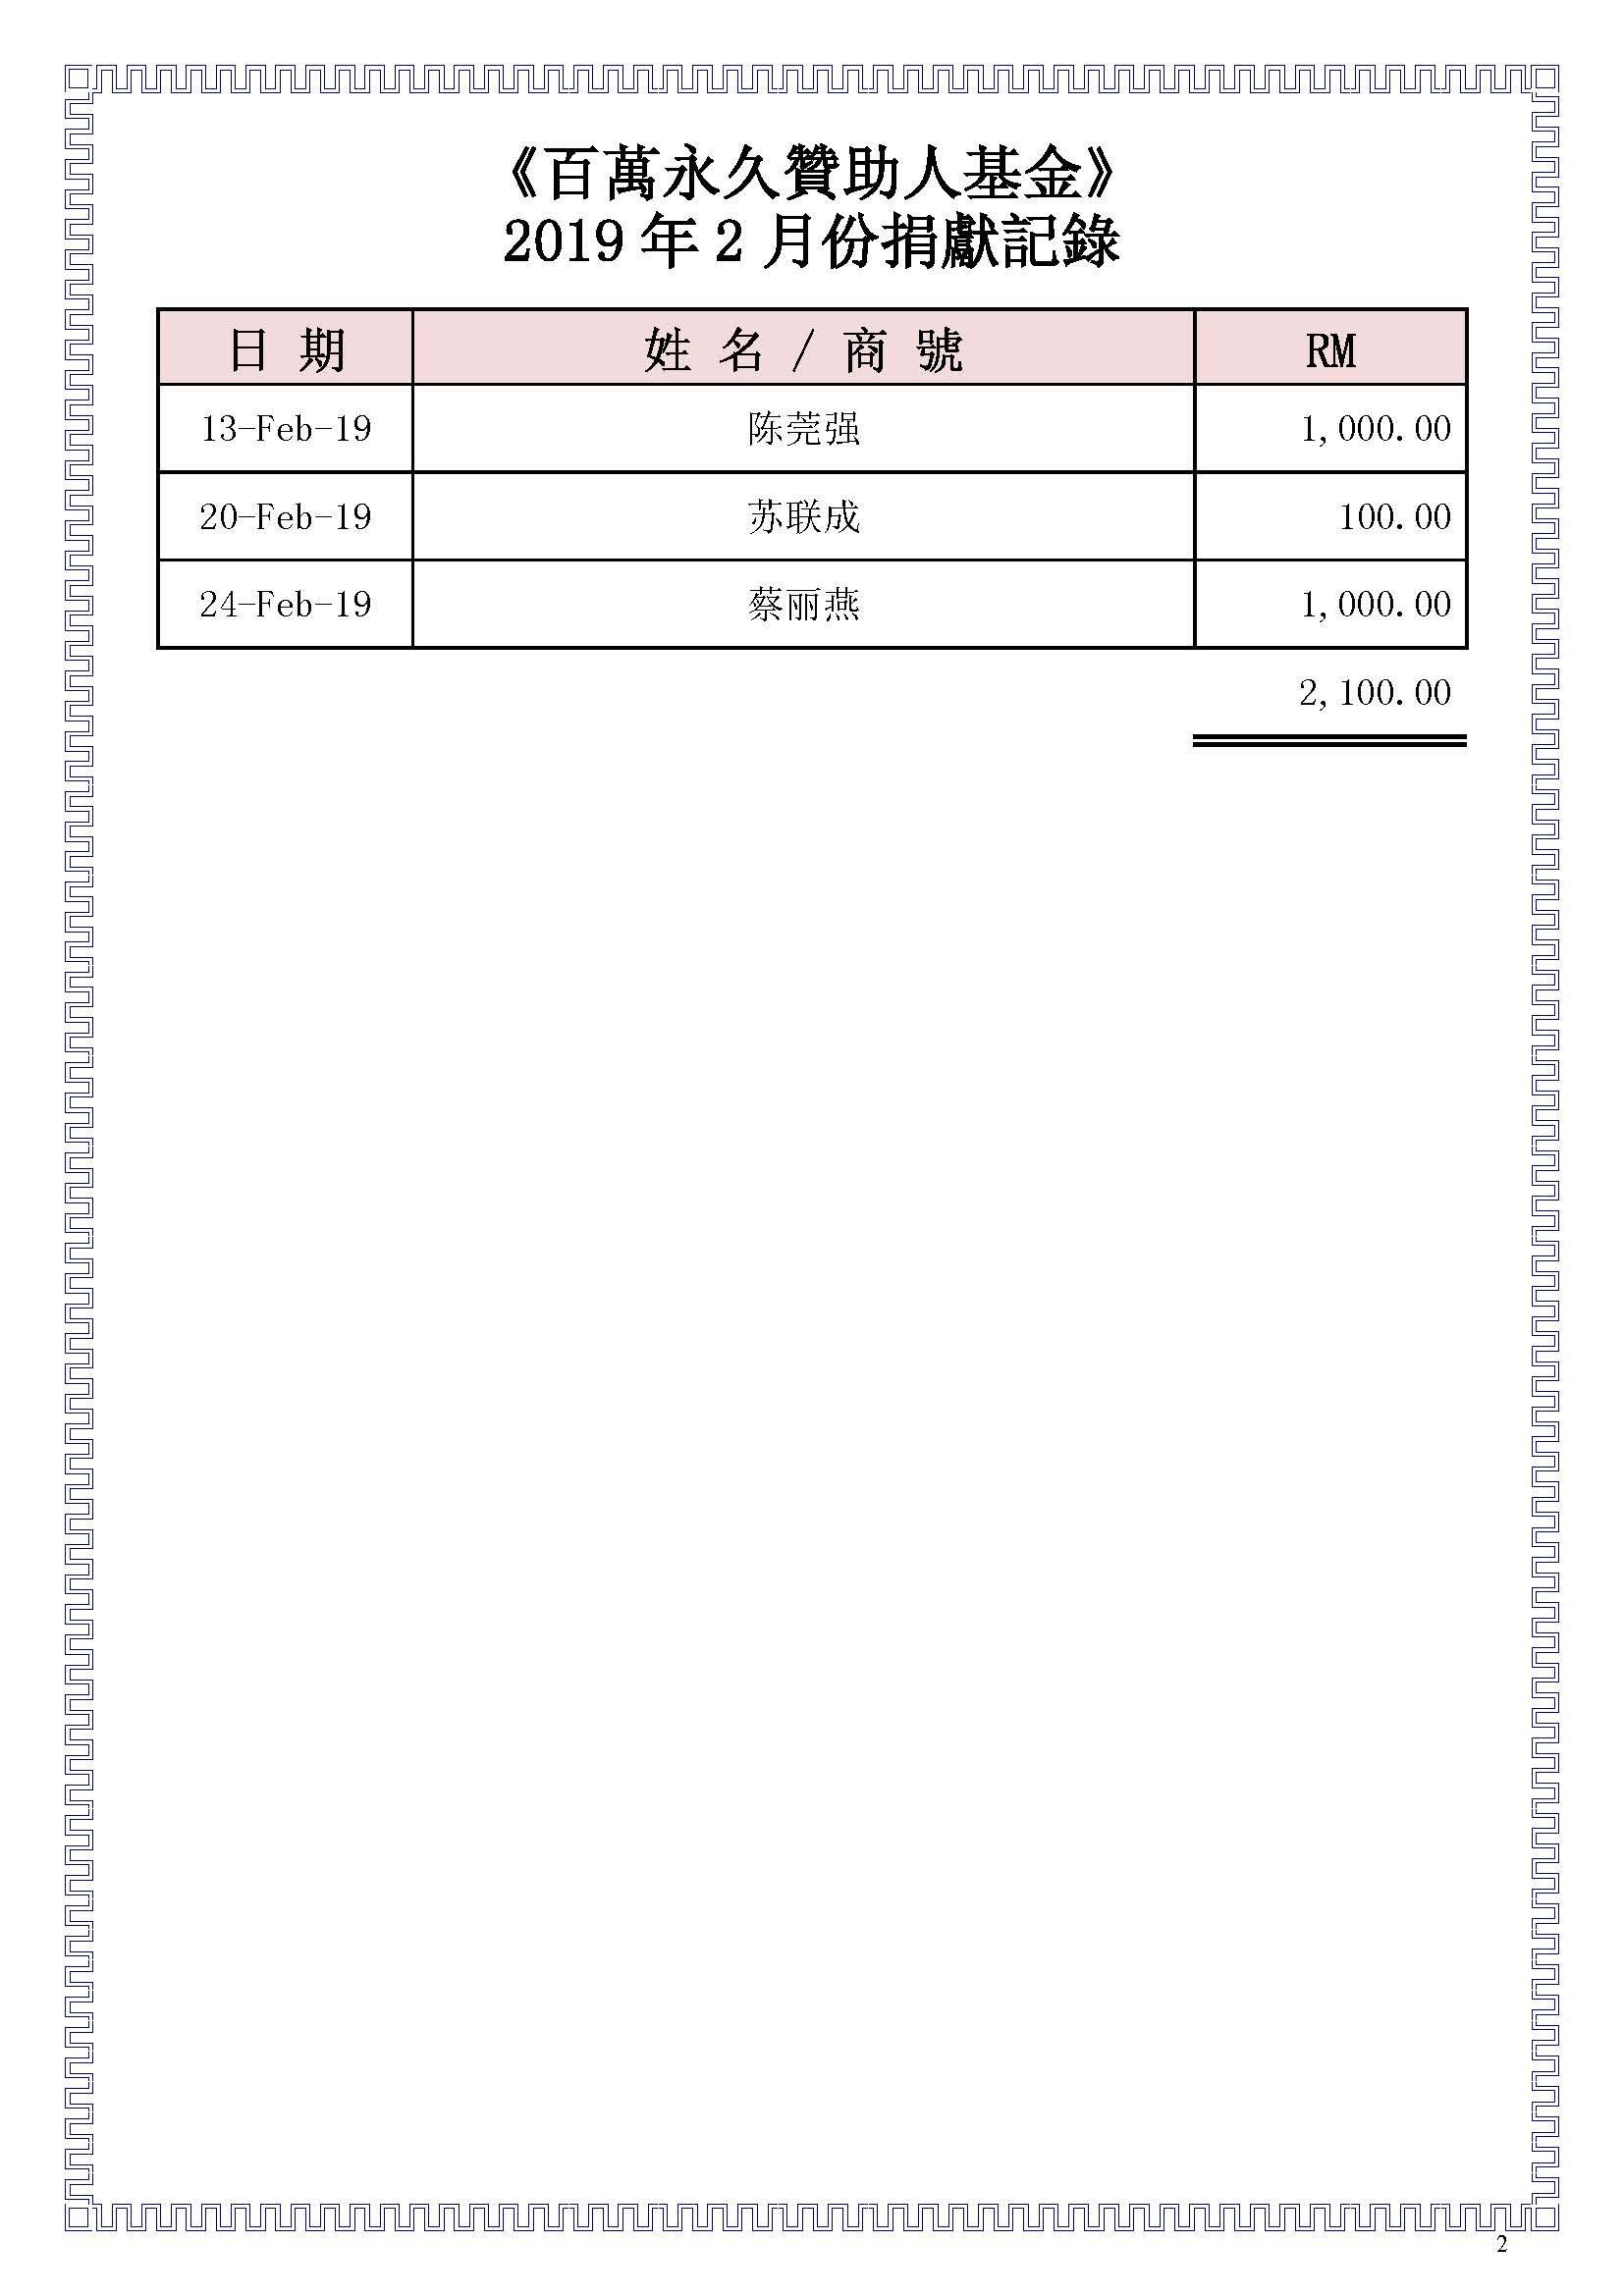 2019年2月份捐獻記錄—修改后_Page_2